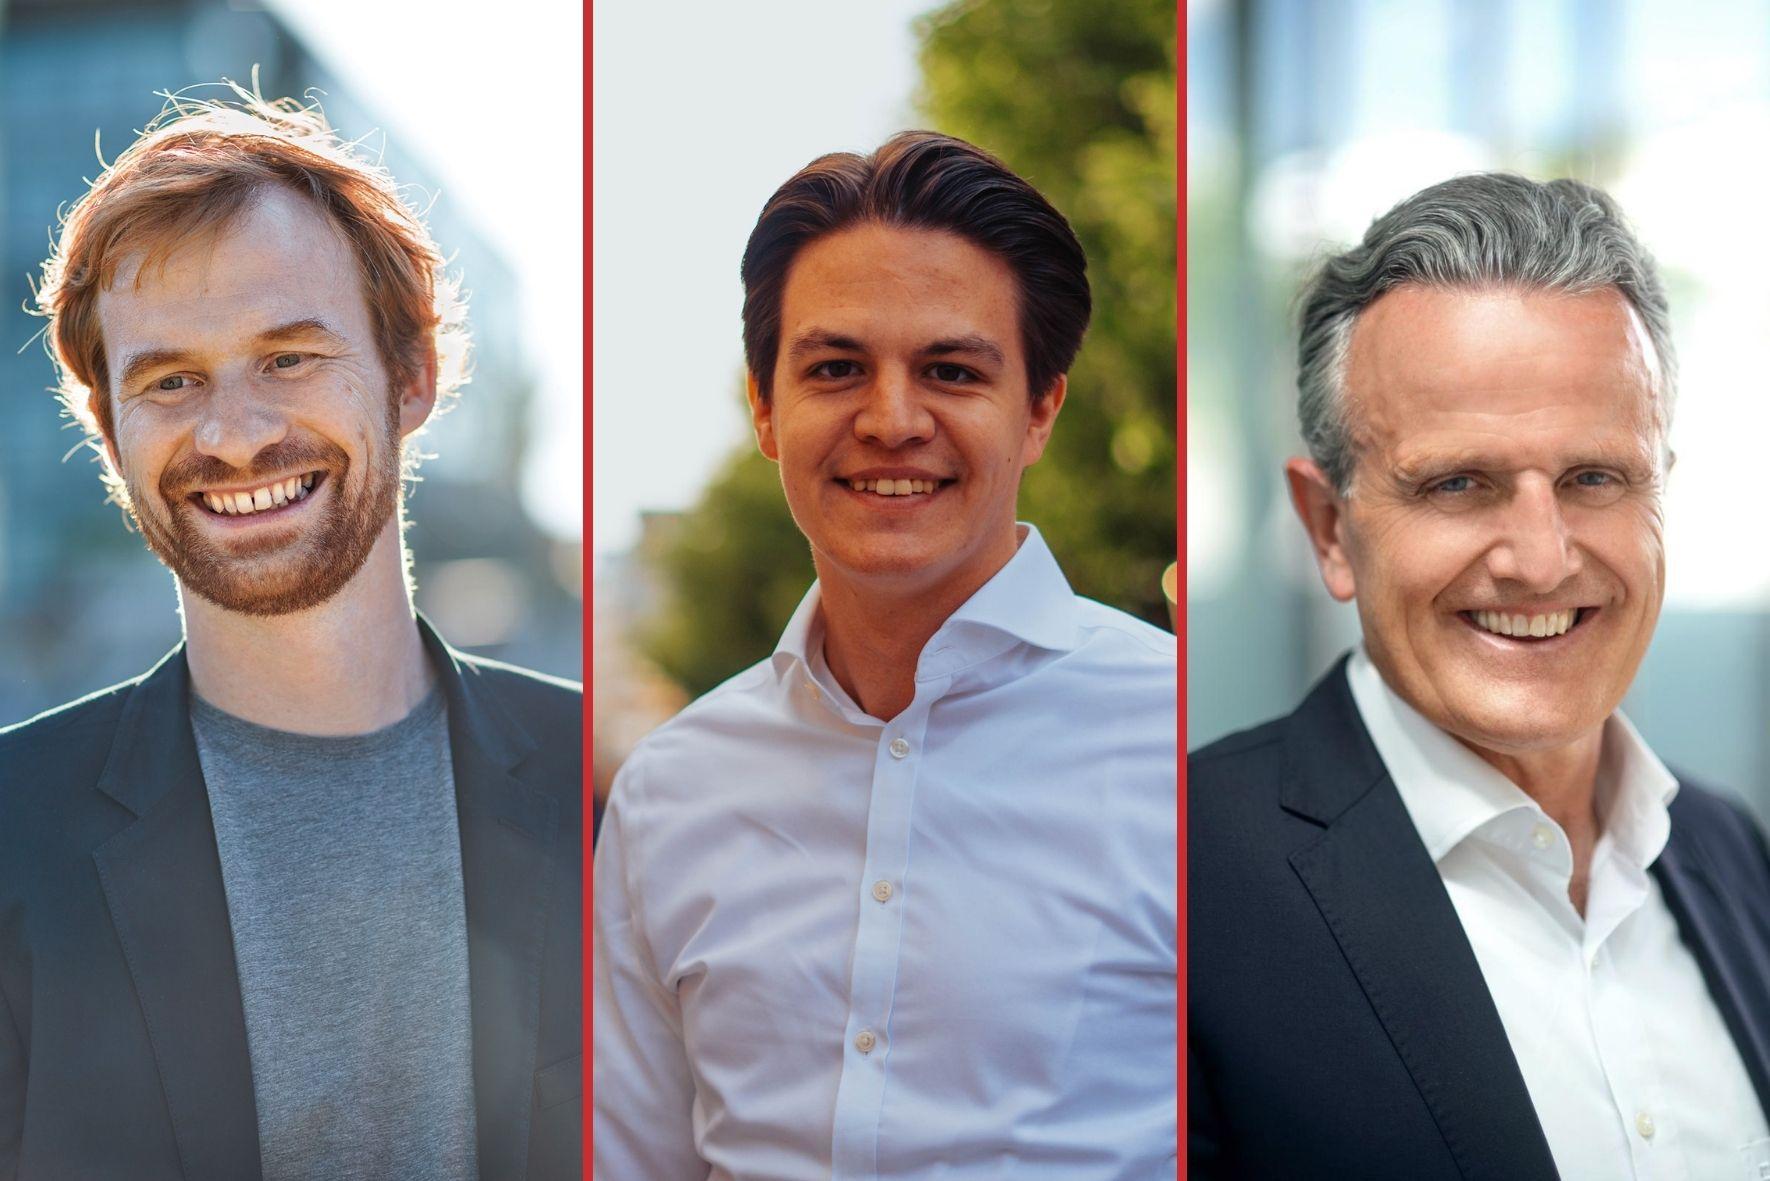 Die verbliebenen Kandidaten Hannes Rockenbauch, Marian Schreier und Frank Nopper